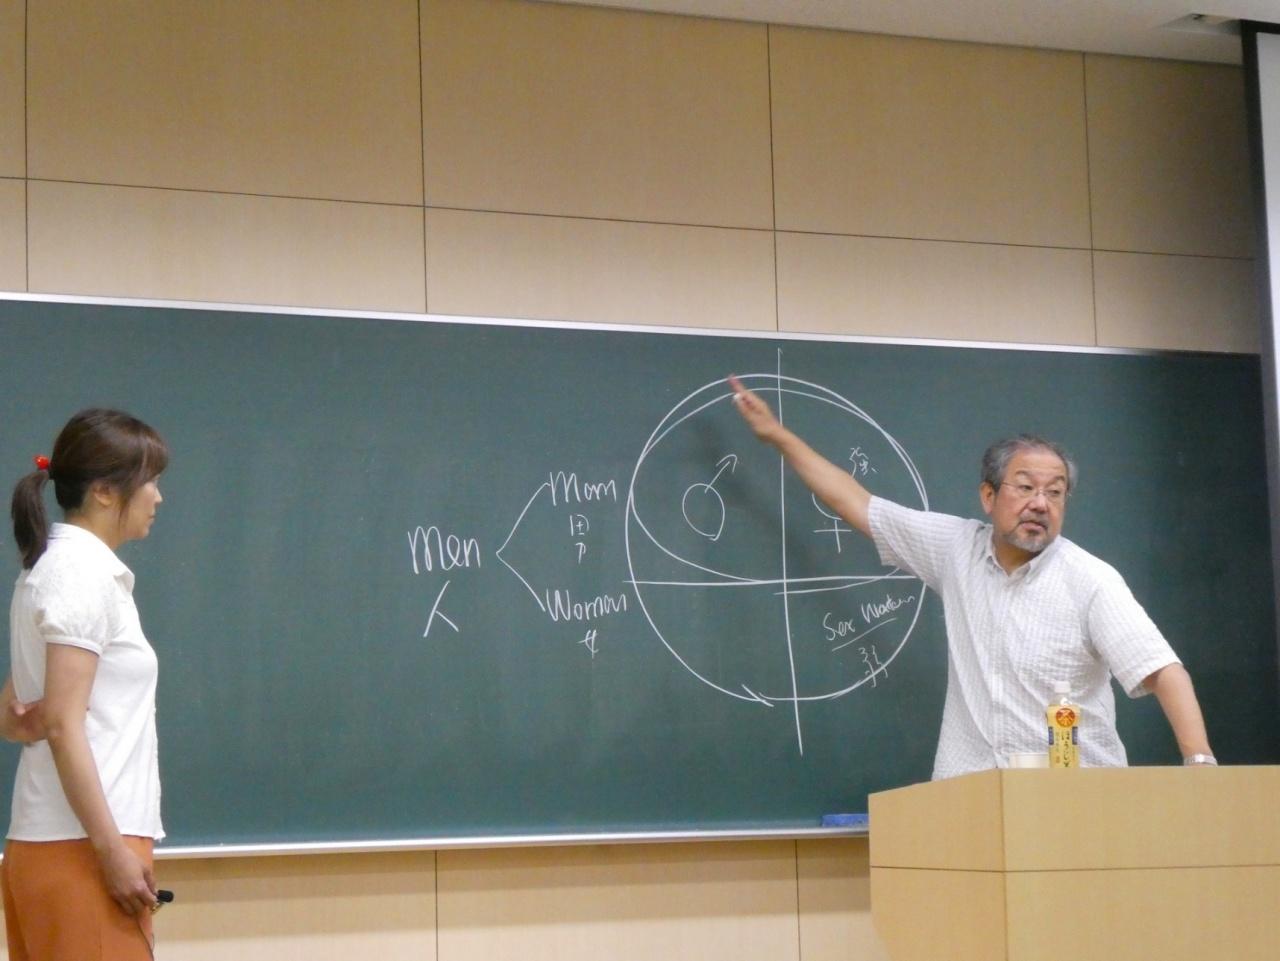 要氏と石塚教授による質疑応答のようす